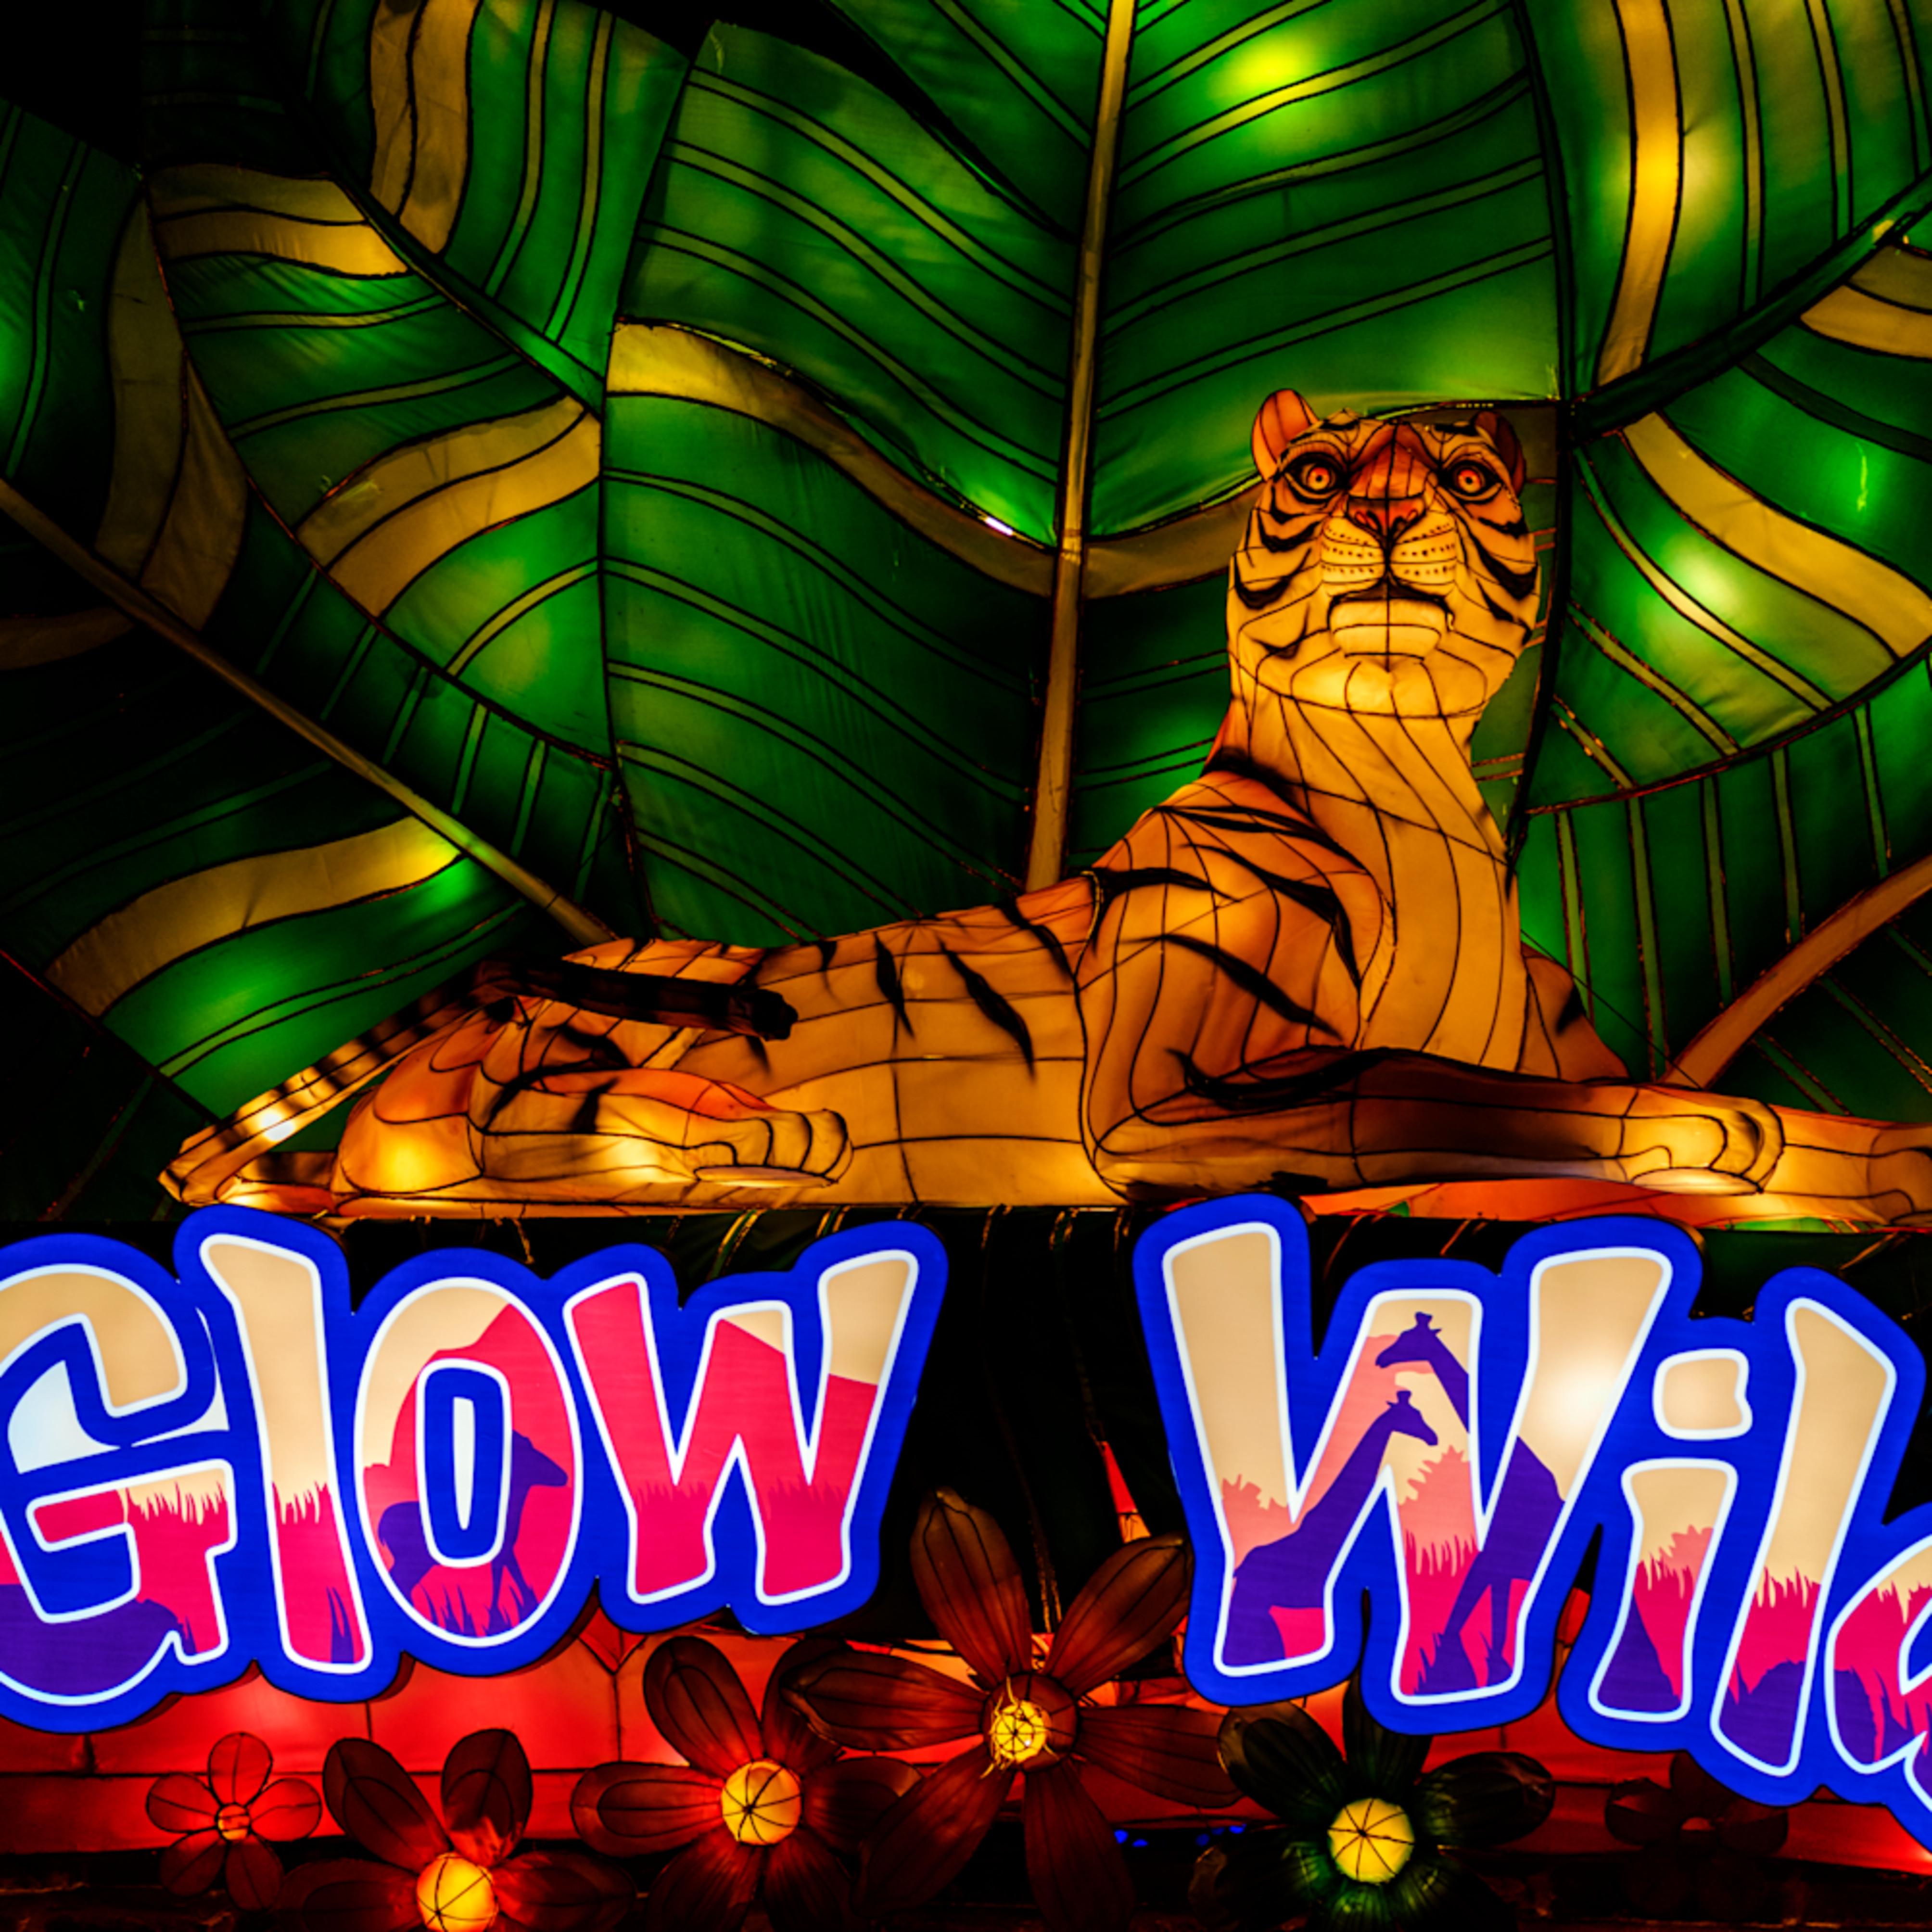 Glow wild exgw8s